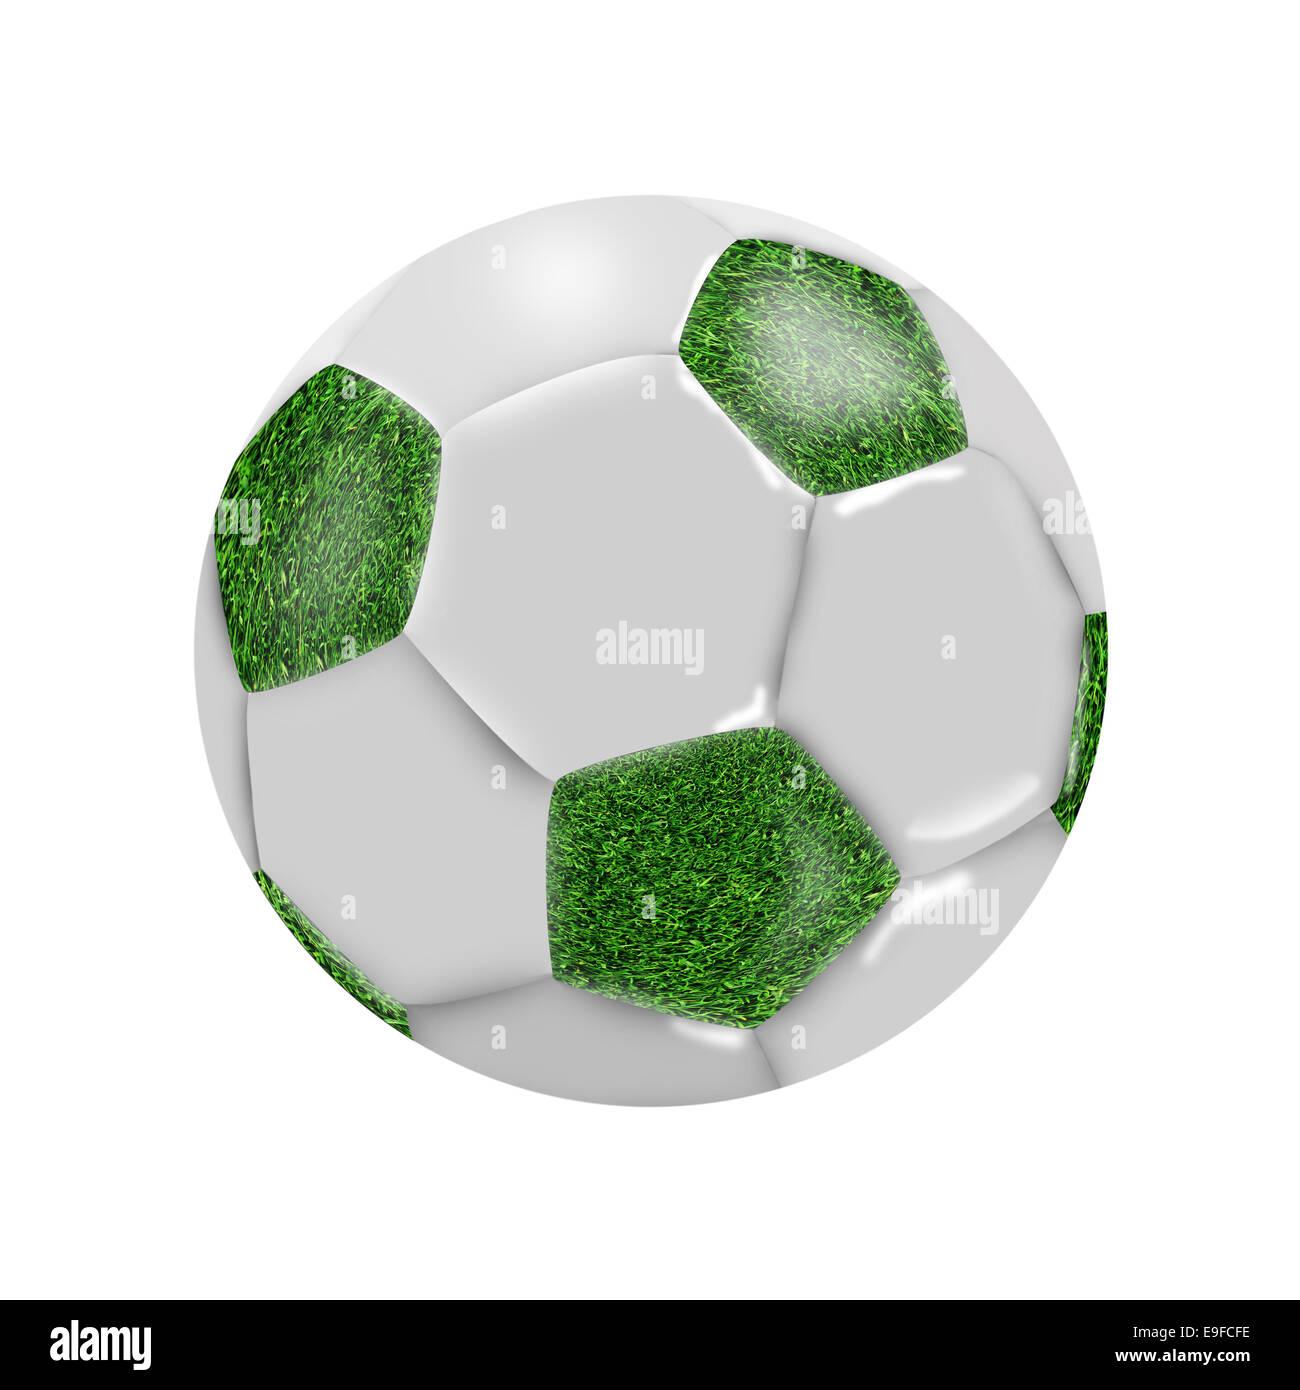 Soccer ball on white - Stock Image